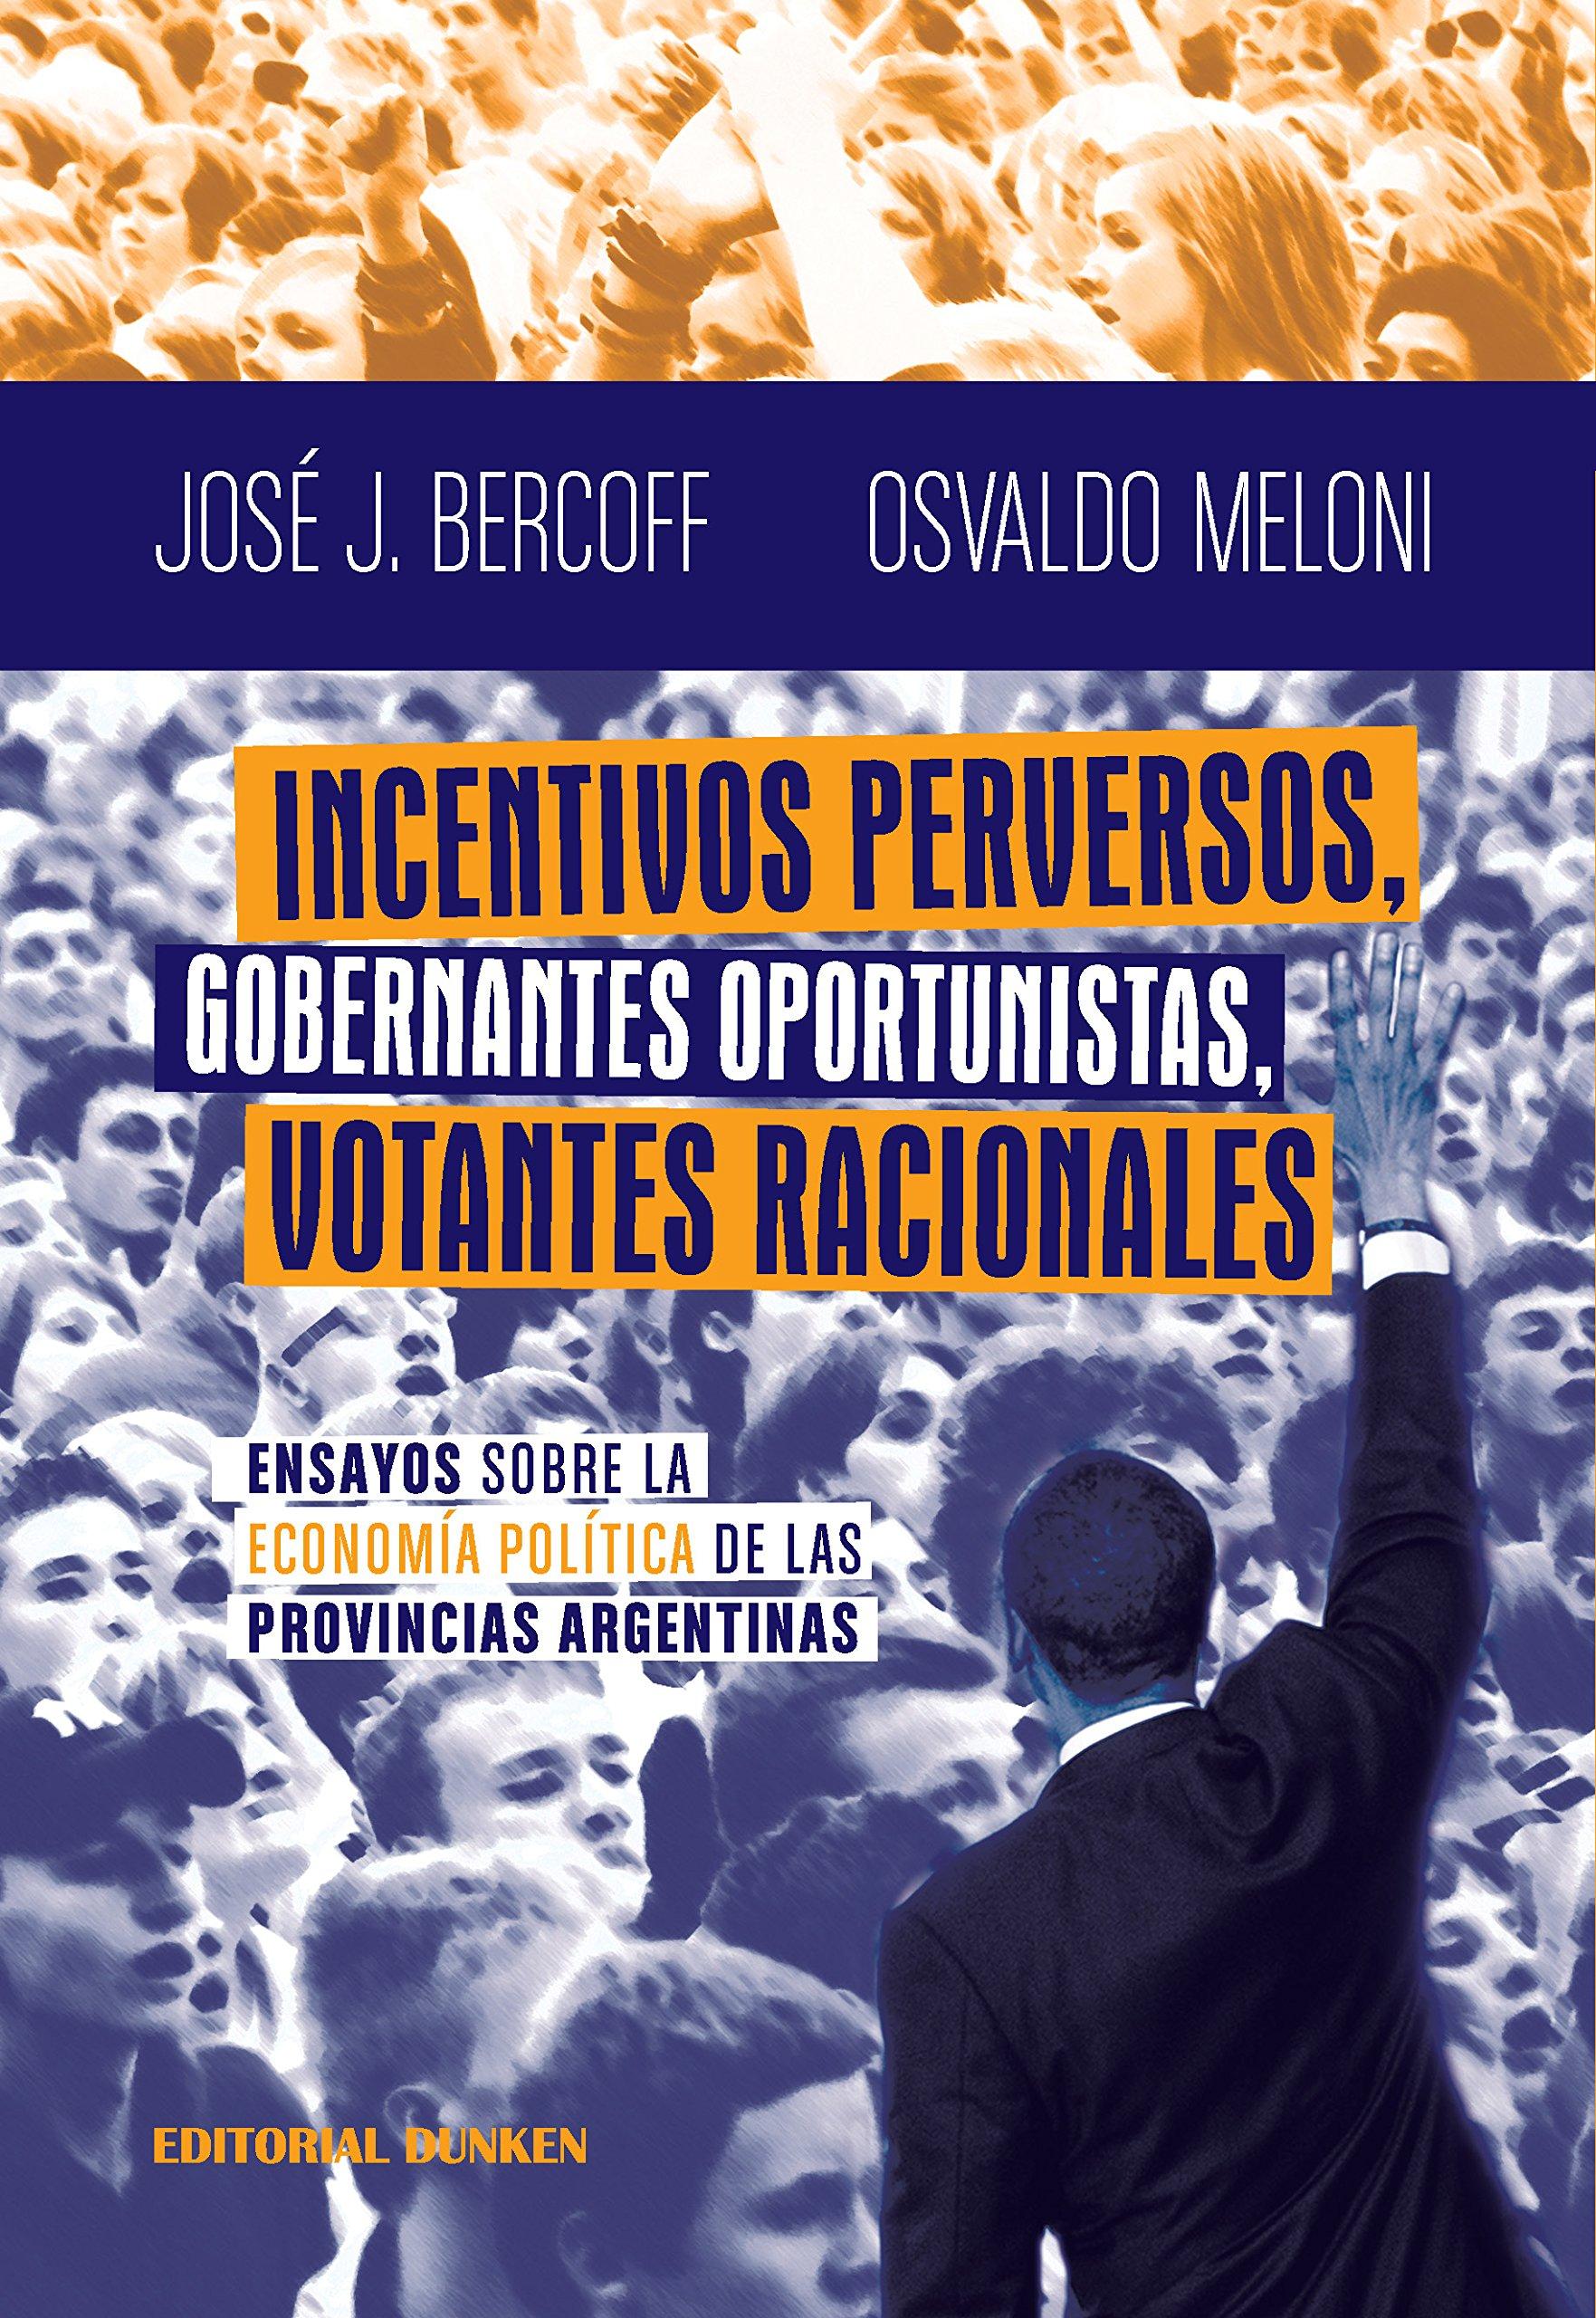 Incentivos perversos, gobernantes oportunistas, votantes racionales: Ensayos sobre la Economía Política de las Provincias Argentinas (Spanish Edition)